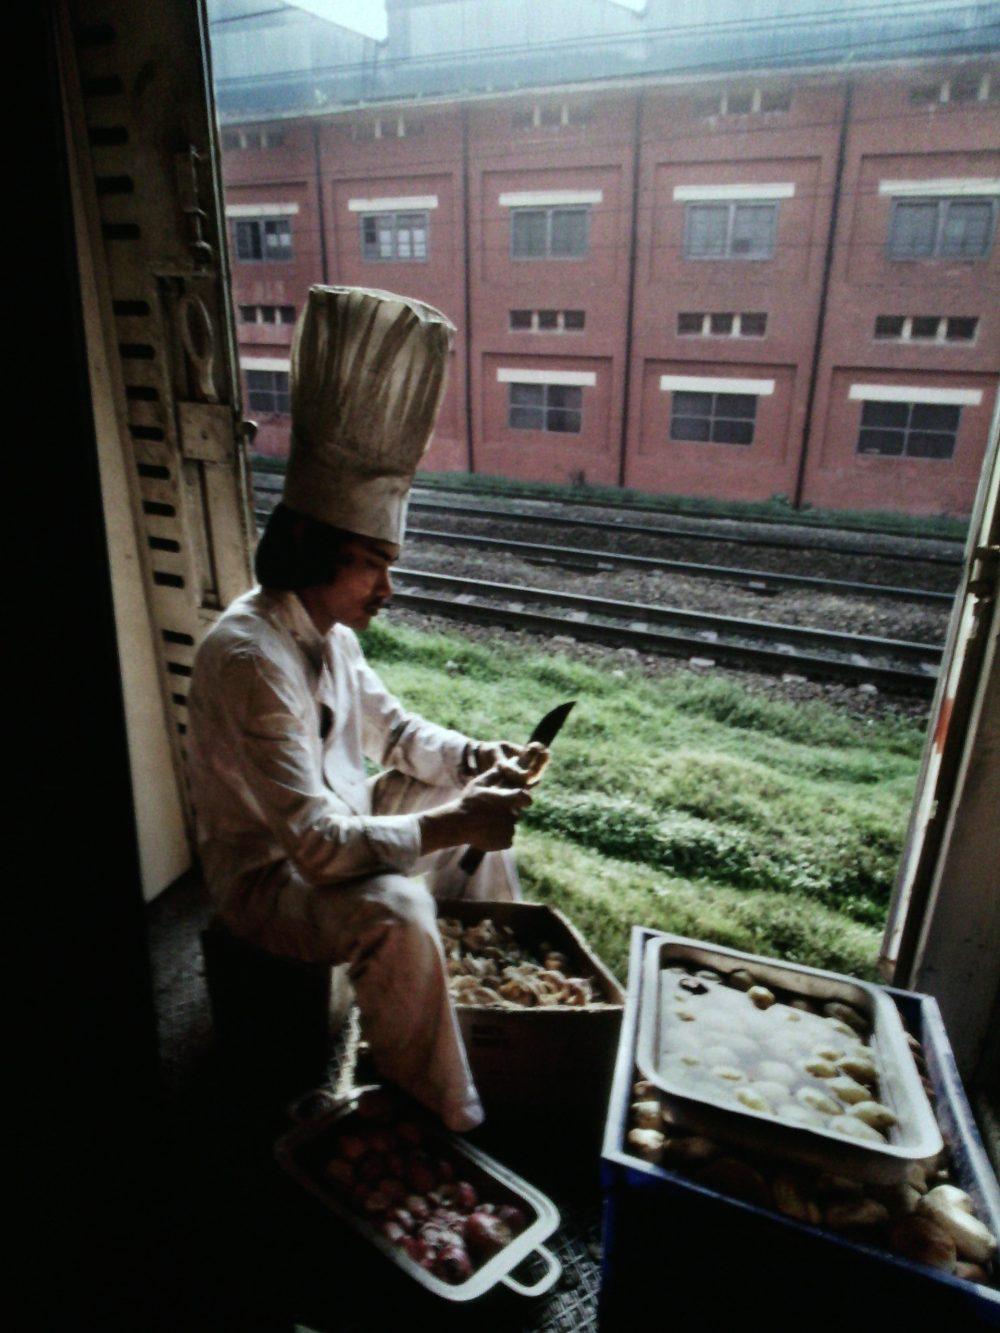 Cibo- La sala deIle spezie, il cuoco